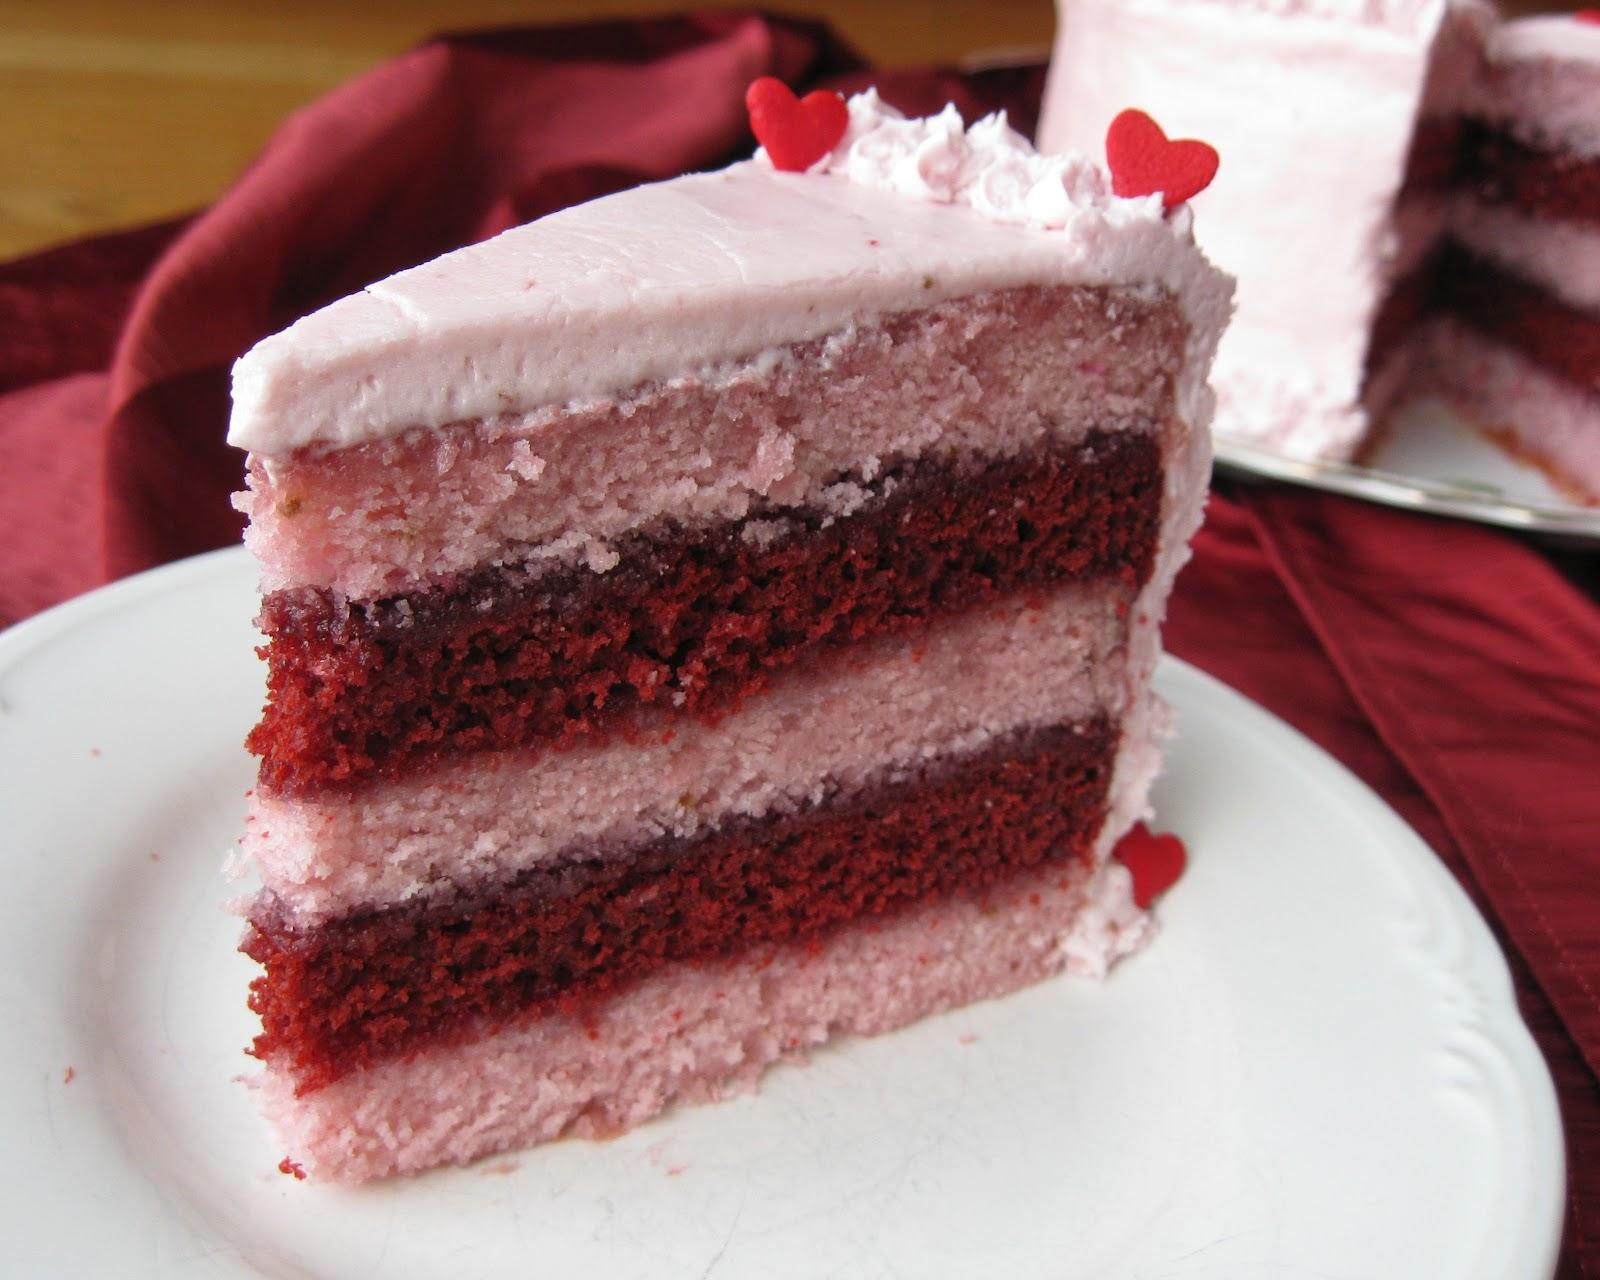 Ein weiteres Bild von valentines day red velvet cake recipe Valentines Day Red Velvet Cake Recipe